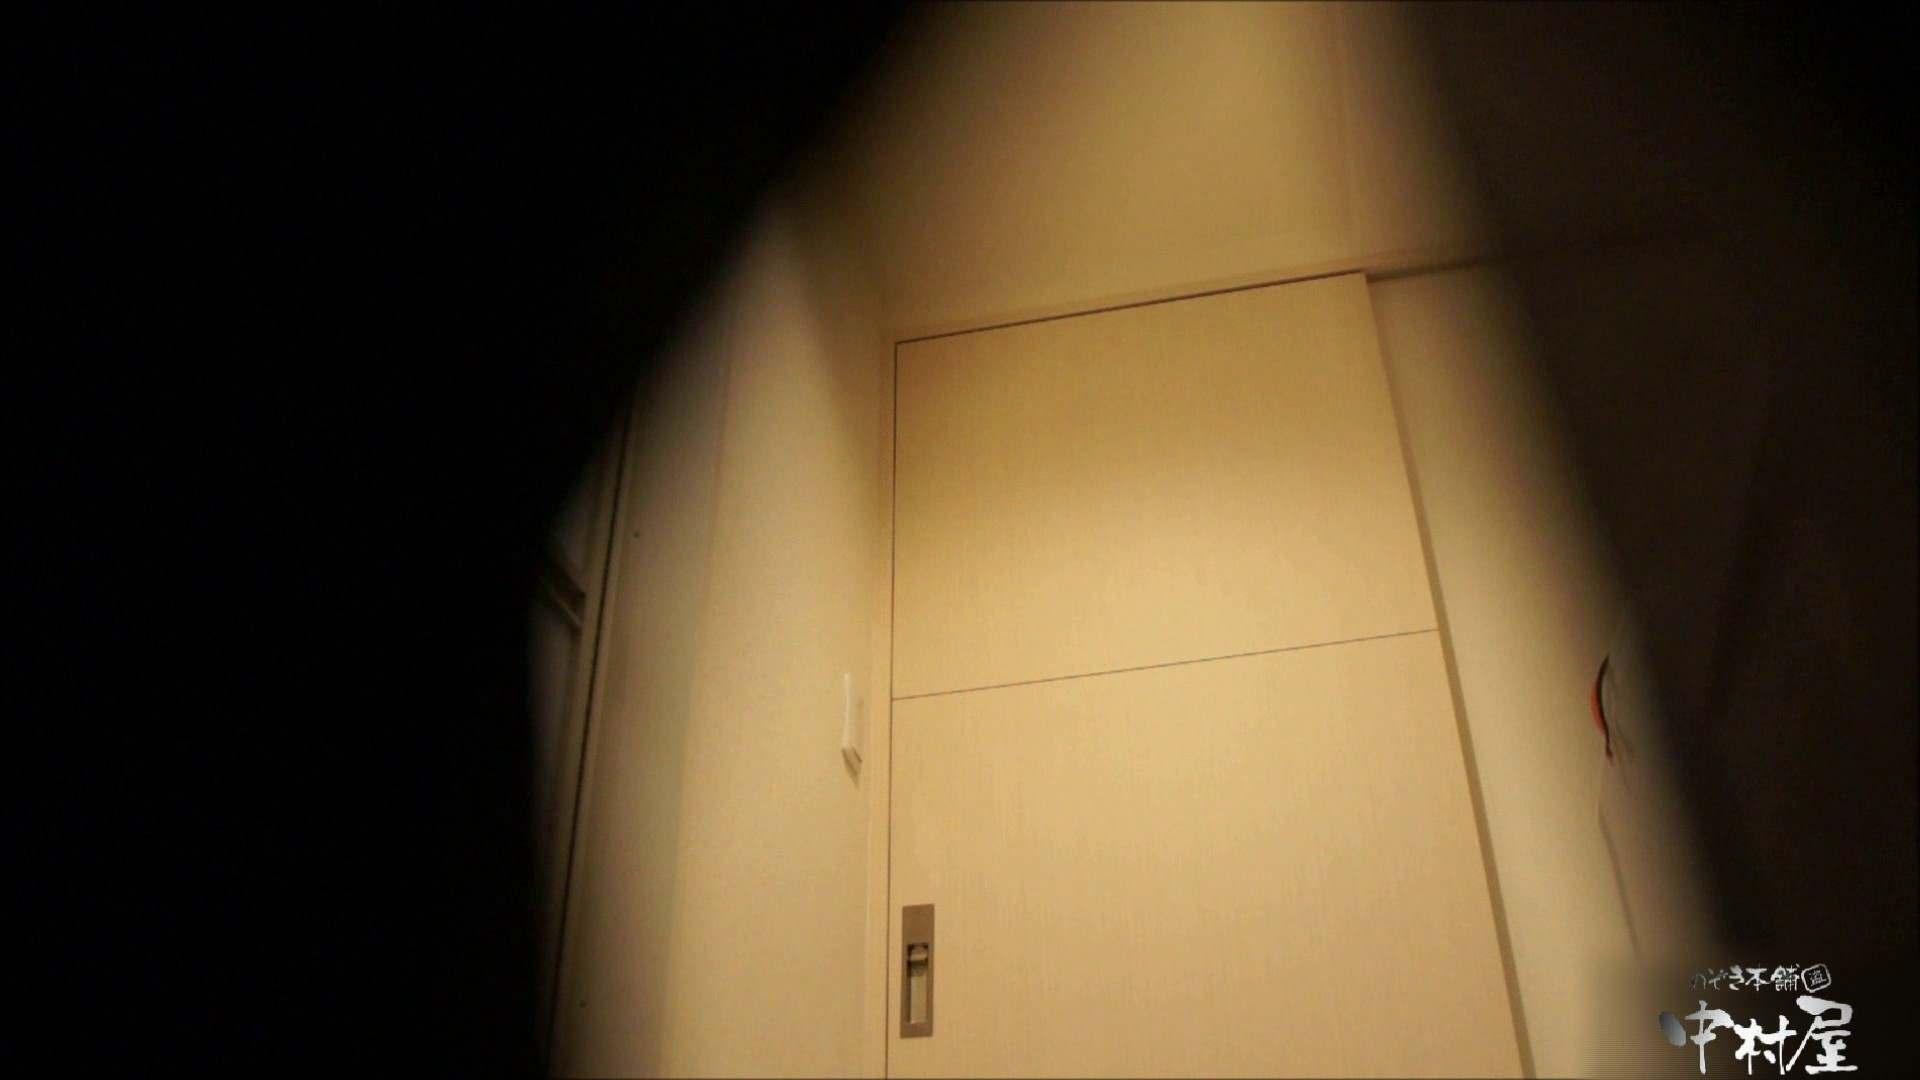 アダルトエロ動画 二人とも育てた甲斐がありました…vol.59【小春】脱衣所とオナニー隠し撮り 前編 のぞき本舗 中村屋